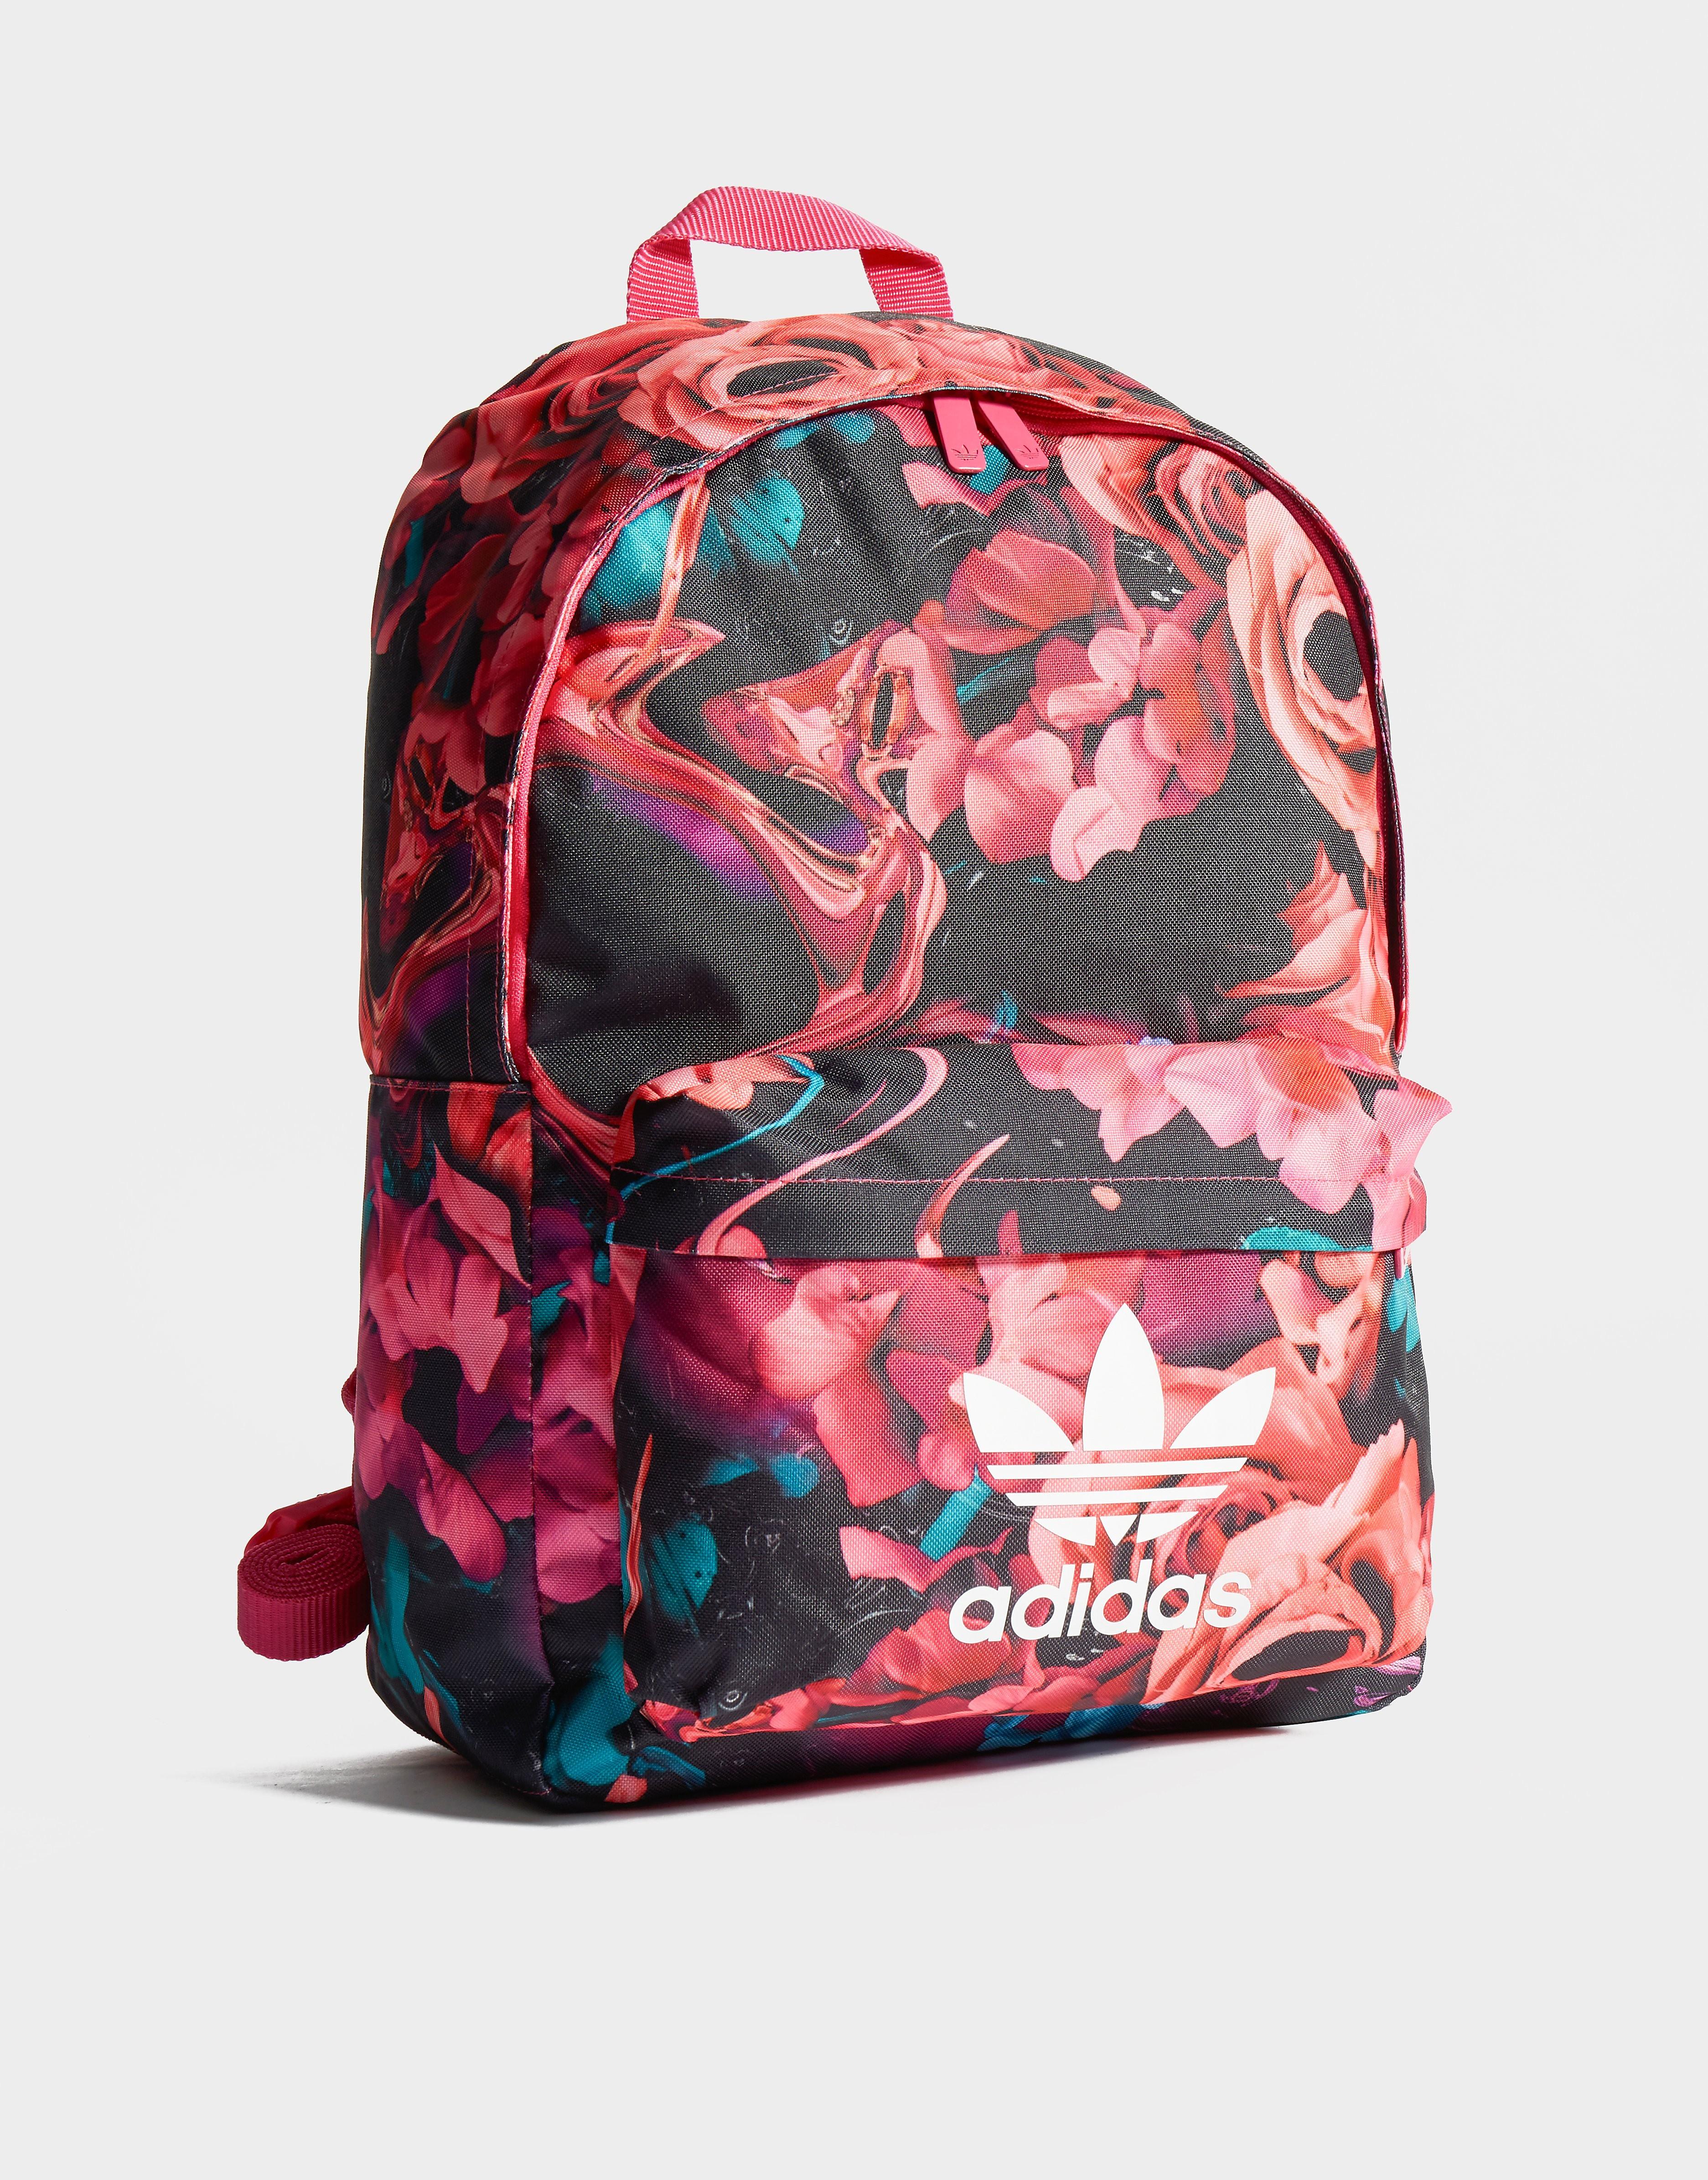 adidas Originals Print Backpack - Roze - Heren